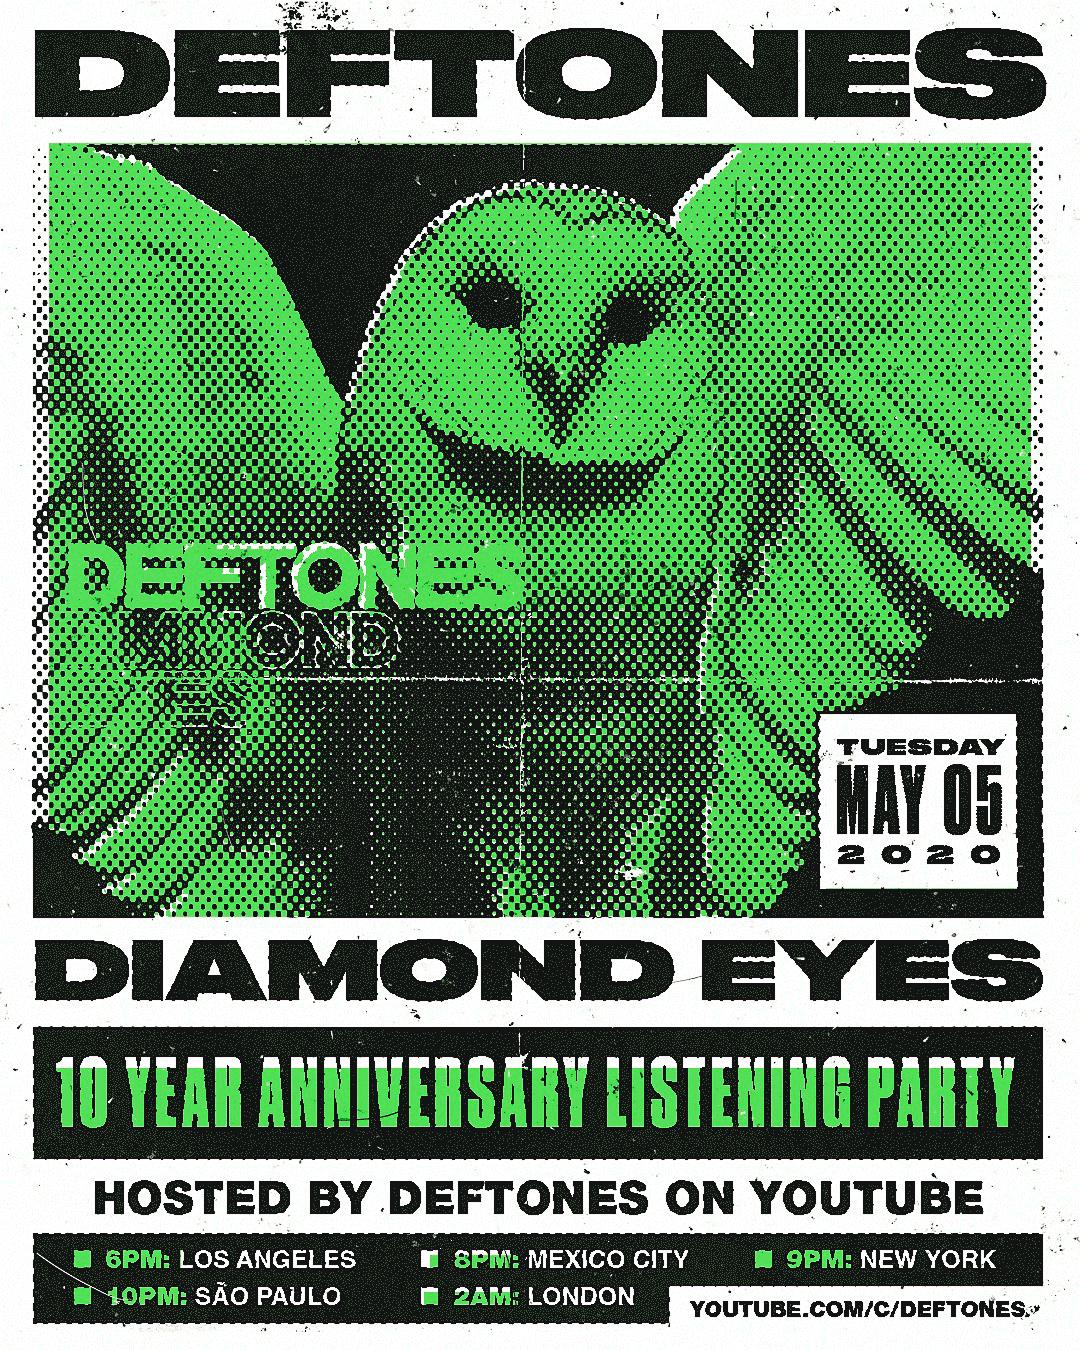 Всемирная вечеринка по поводу 10-летия альбома «Diamond Eyes» начнется 5 мая в 6 вечера в Лос-Анджелесе, в 9 вечера в Нью-Йорке, 6 мая в 2 часа ночи в Лондоне, в 4 часа утра в Москве и в 11 часов в Хабаровске